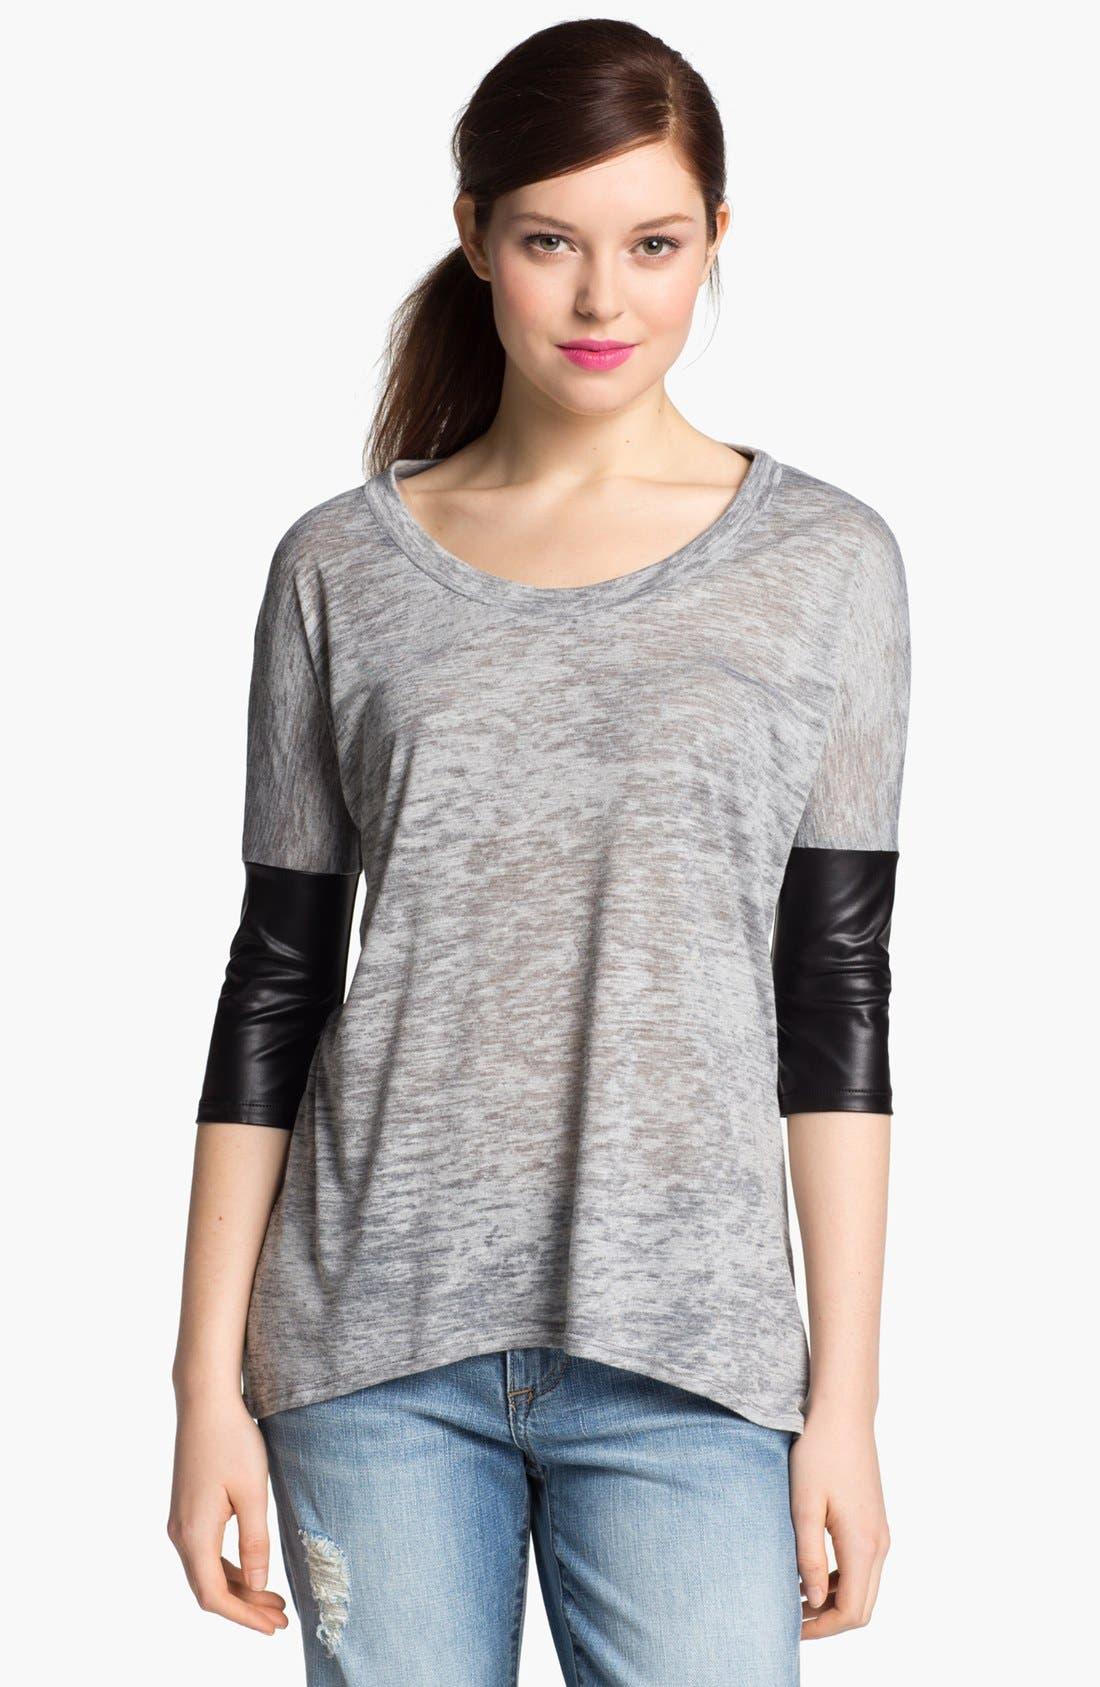 Alternate Image 1 Selected - I.Ner Faux Leather Sleeve Slub Tee